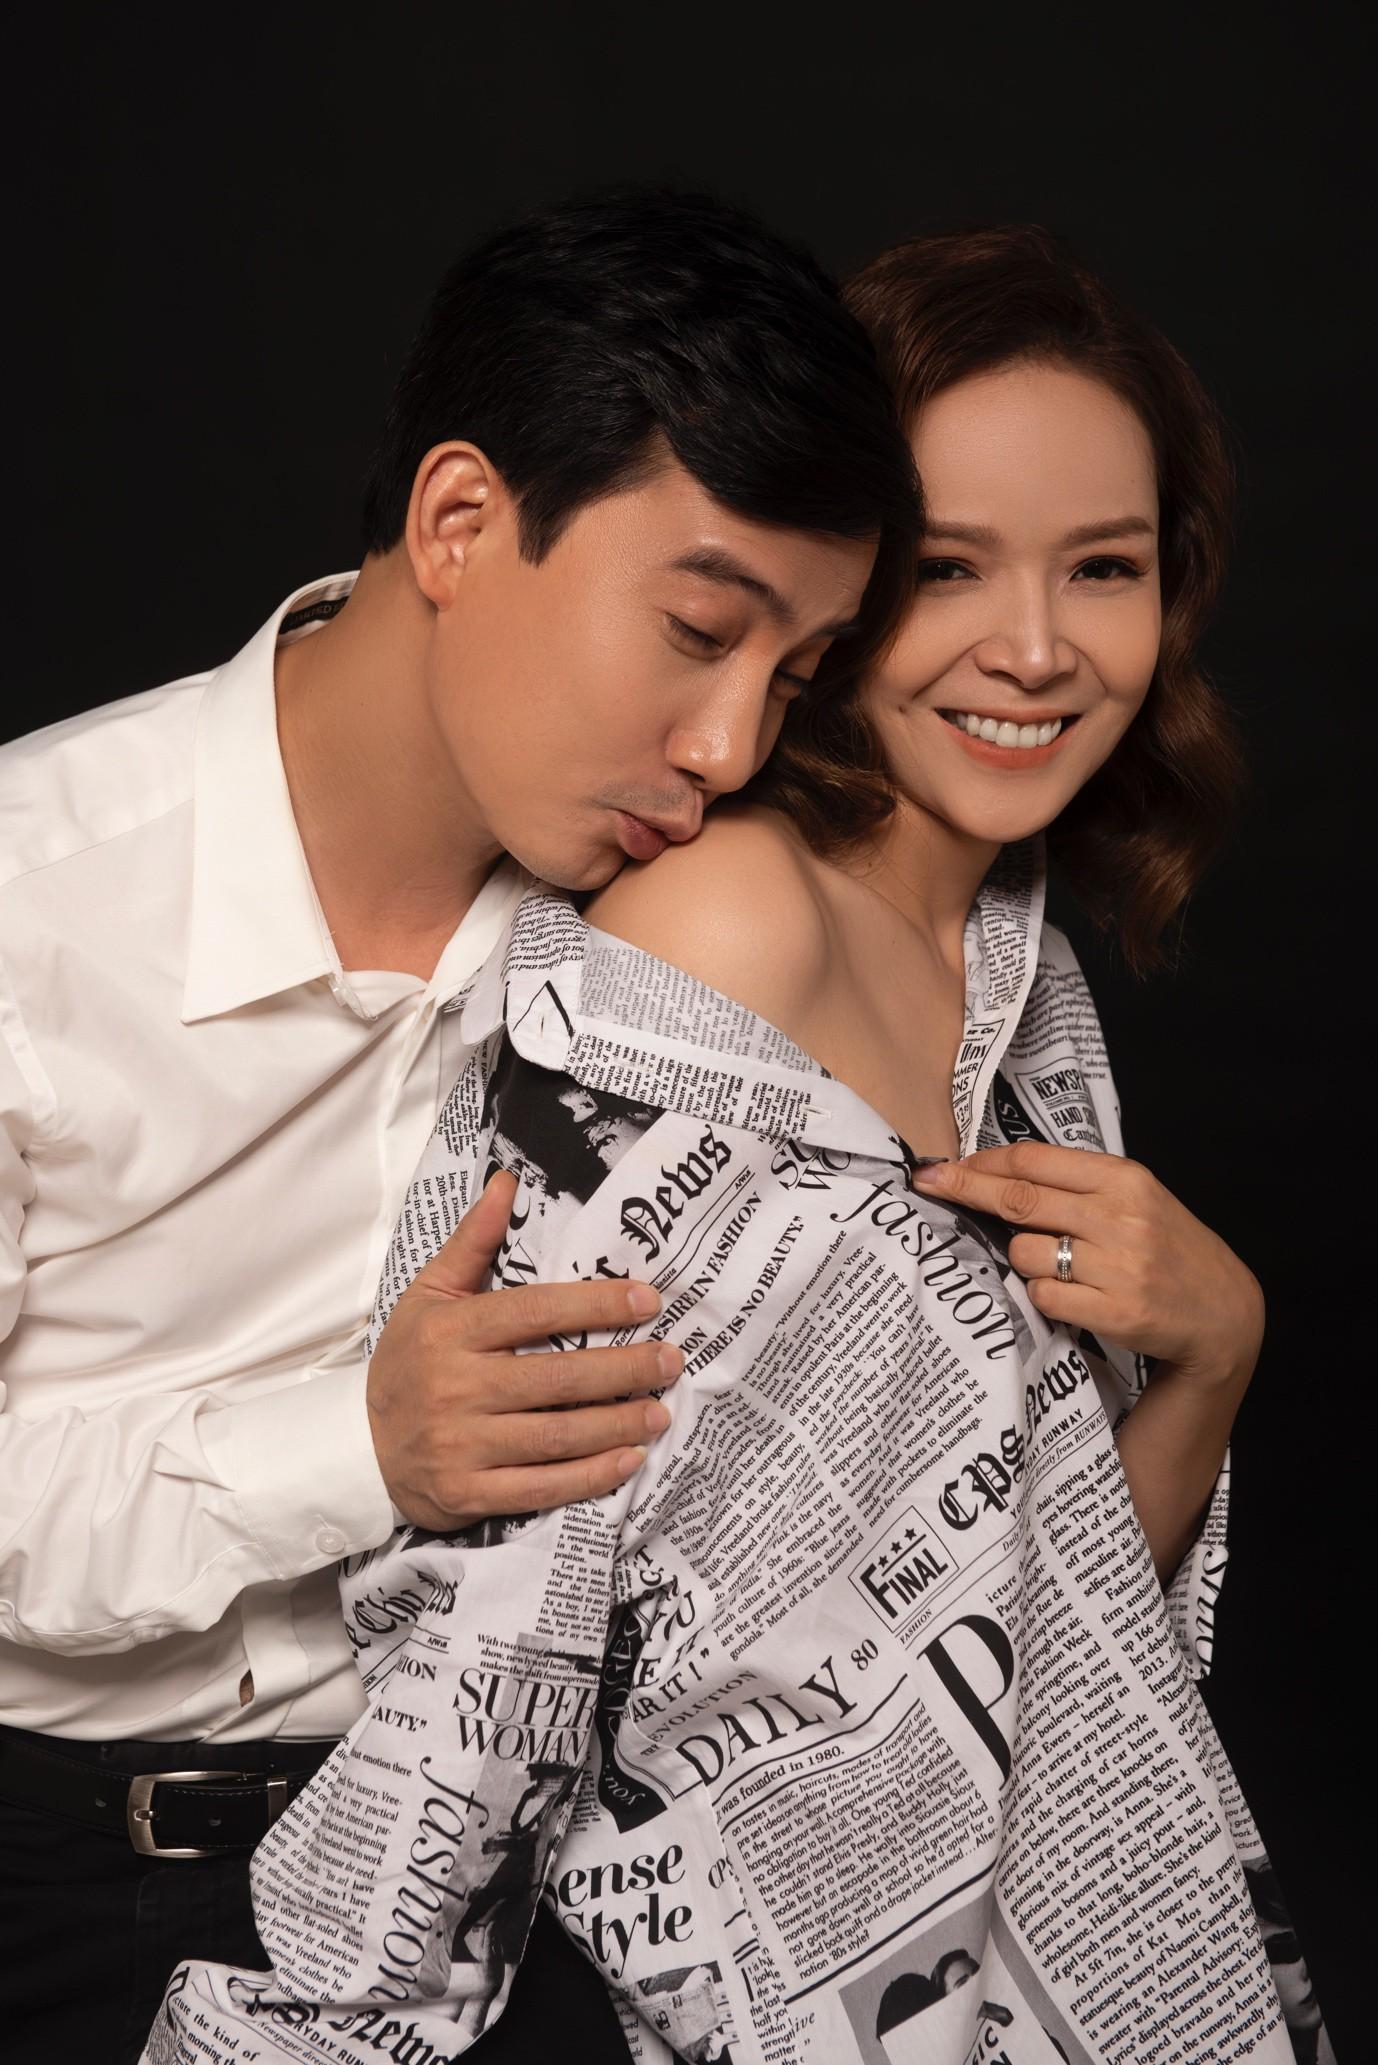 """Diễm Hương """"Những nhân viên gương mẫu"""" và chuyện tình đặc biệt với Hồng Quang - Ảnh 5."""